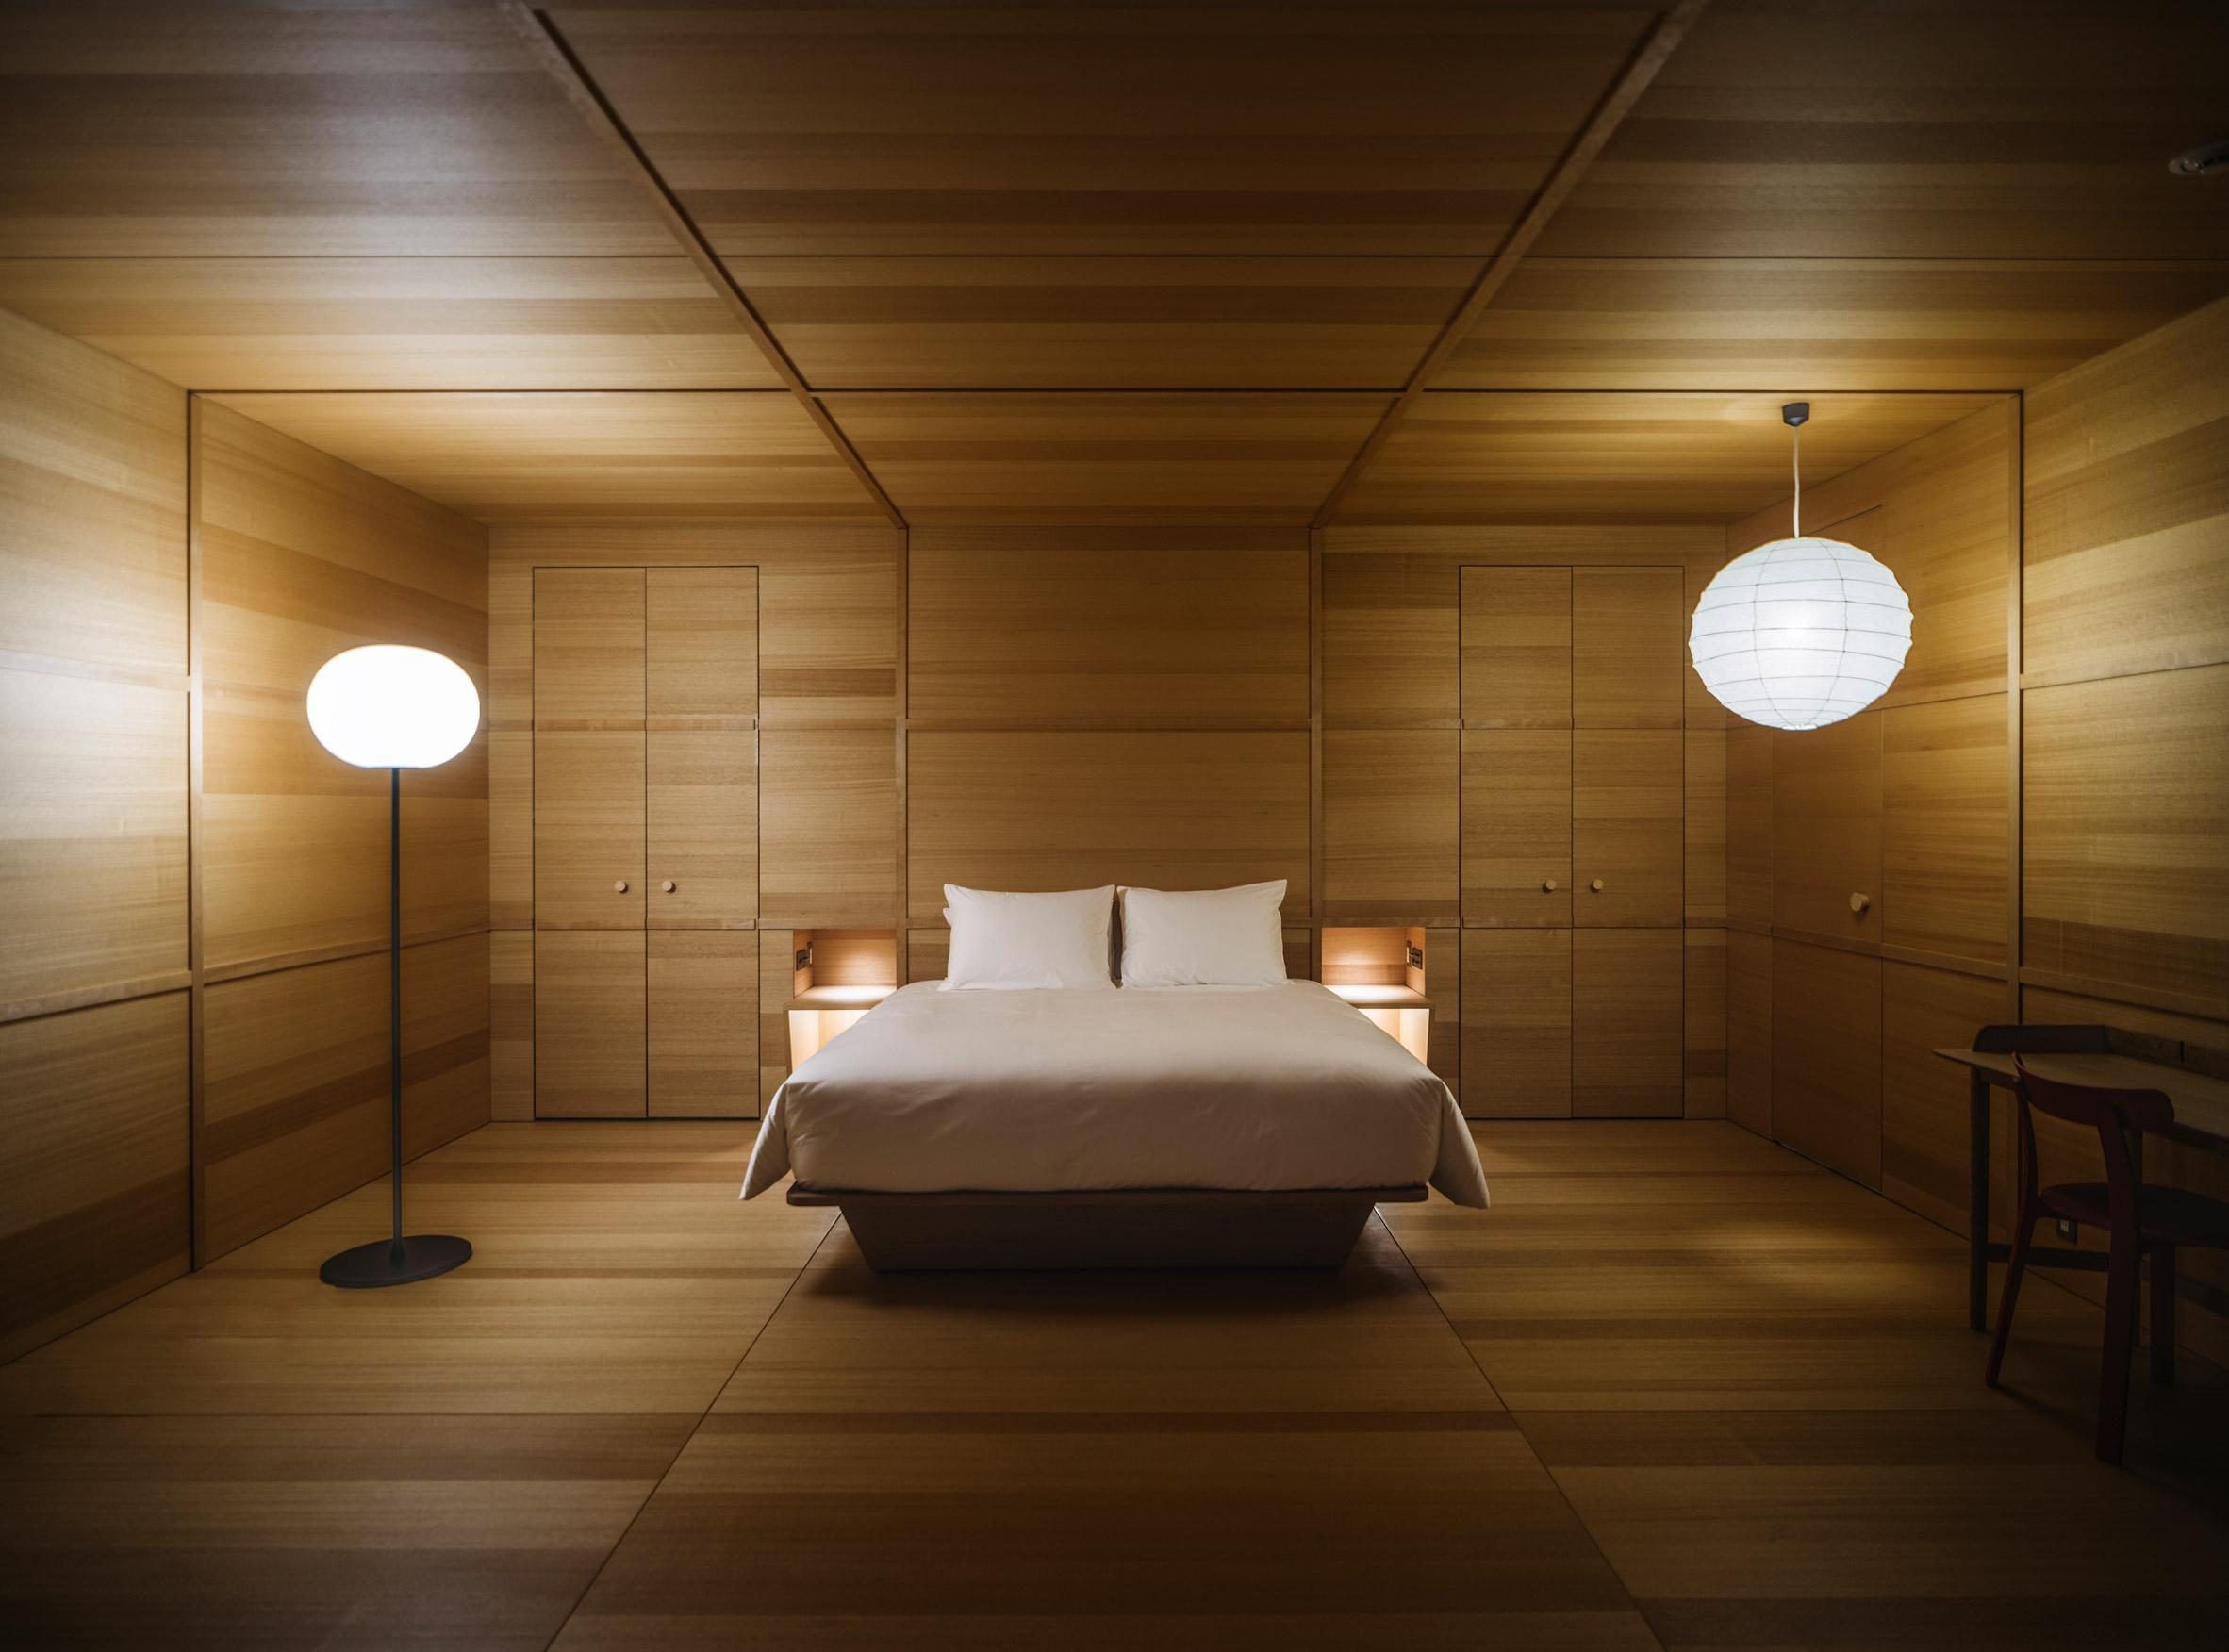 Jasper Morrison hotel room